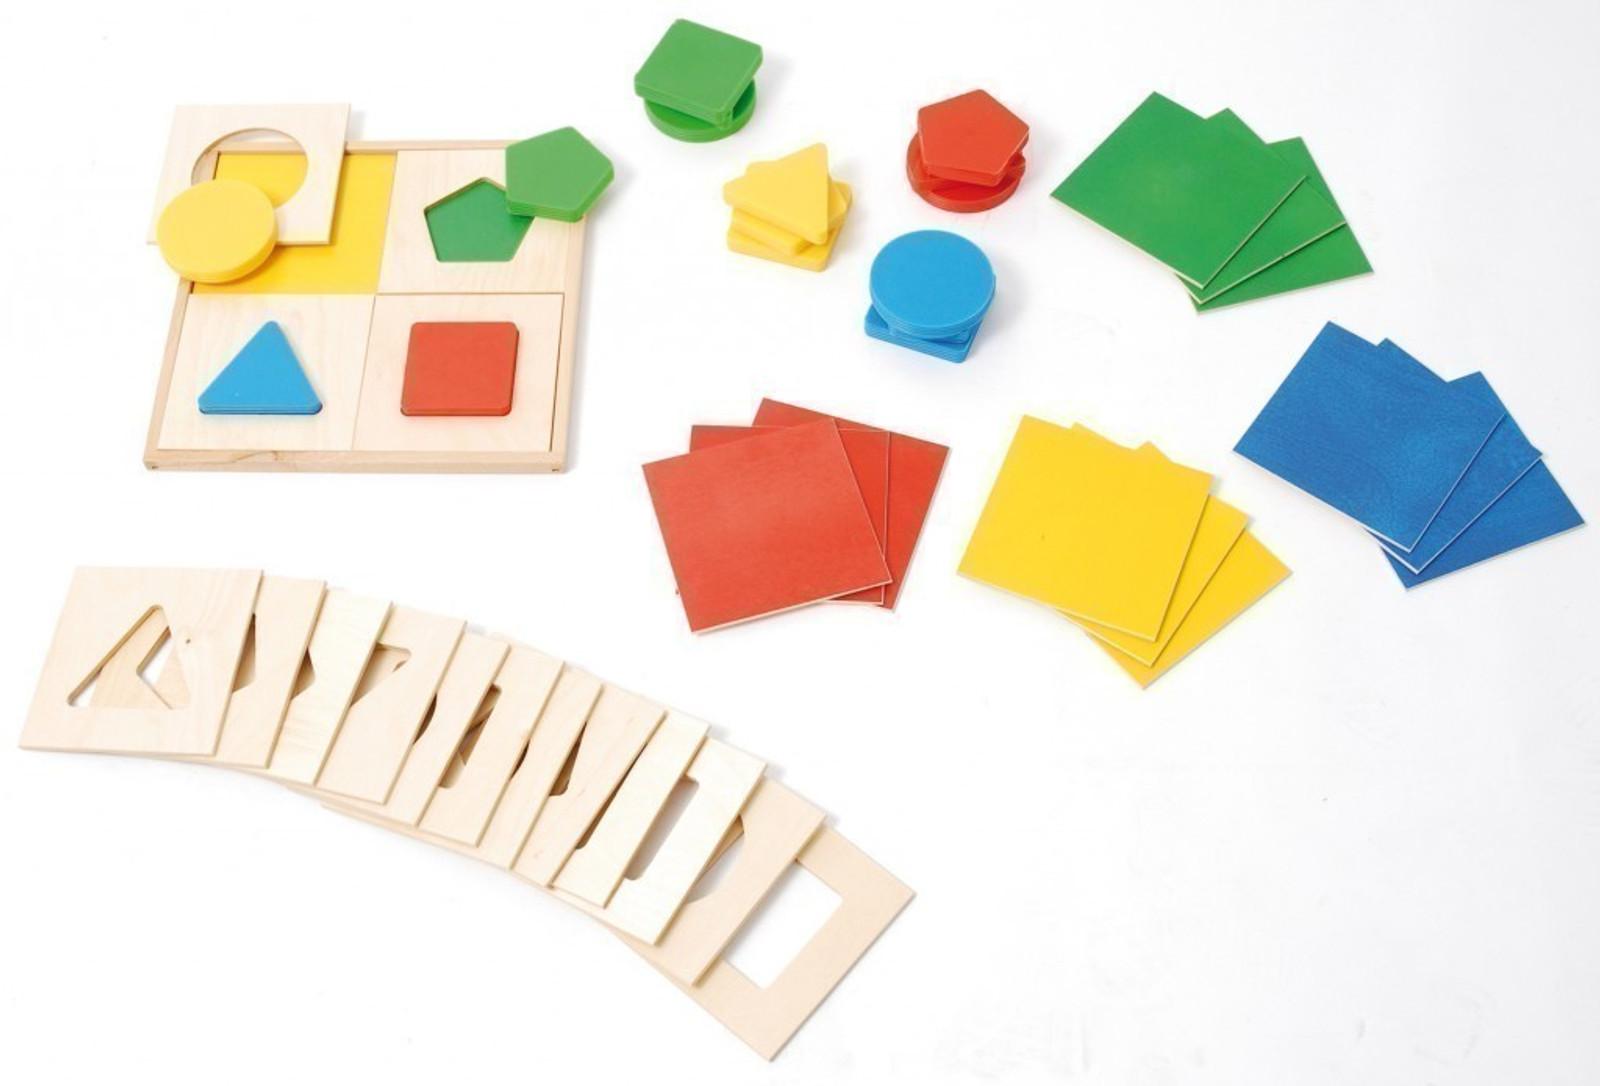 multiformico spiel zur farb und formenerkennung f r kinder ab 2 jahren geeignet spiele. Black Bedroom Furniture Sets. Home Design Ideas